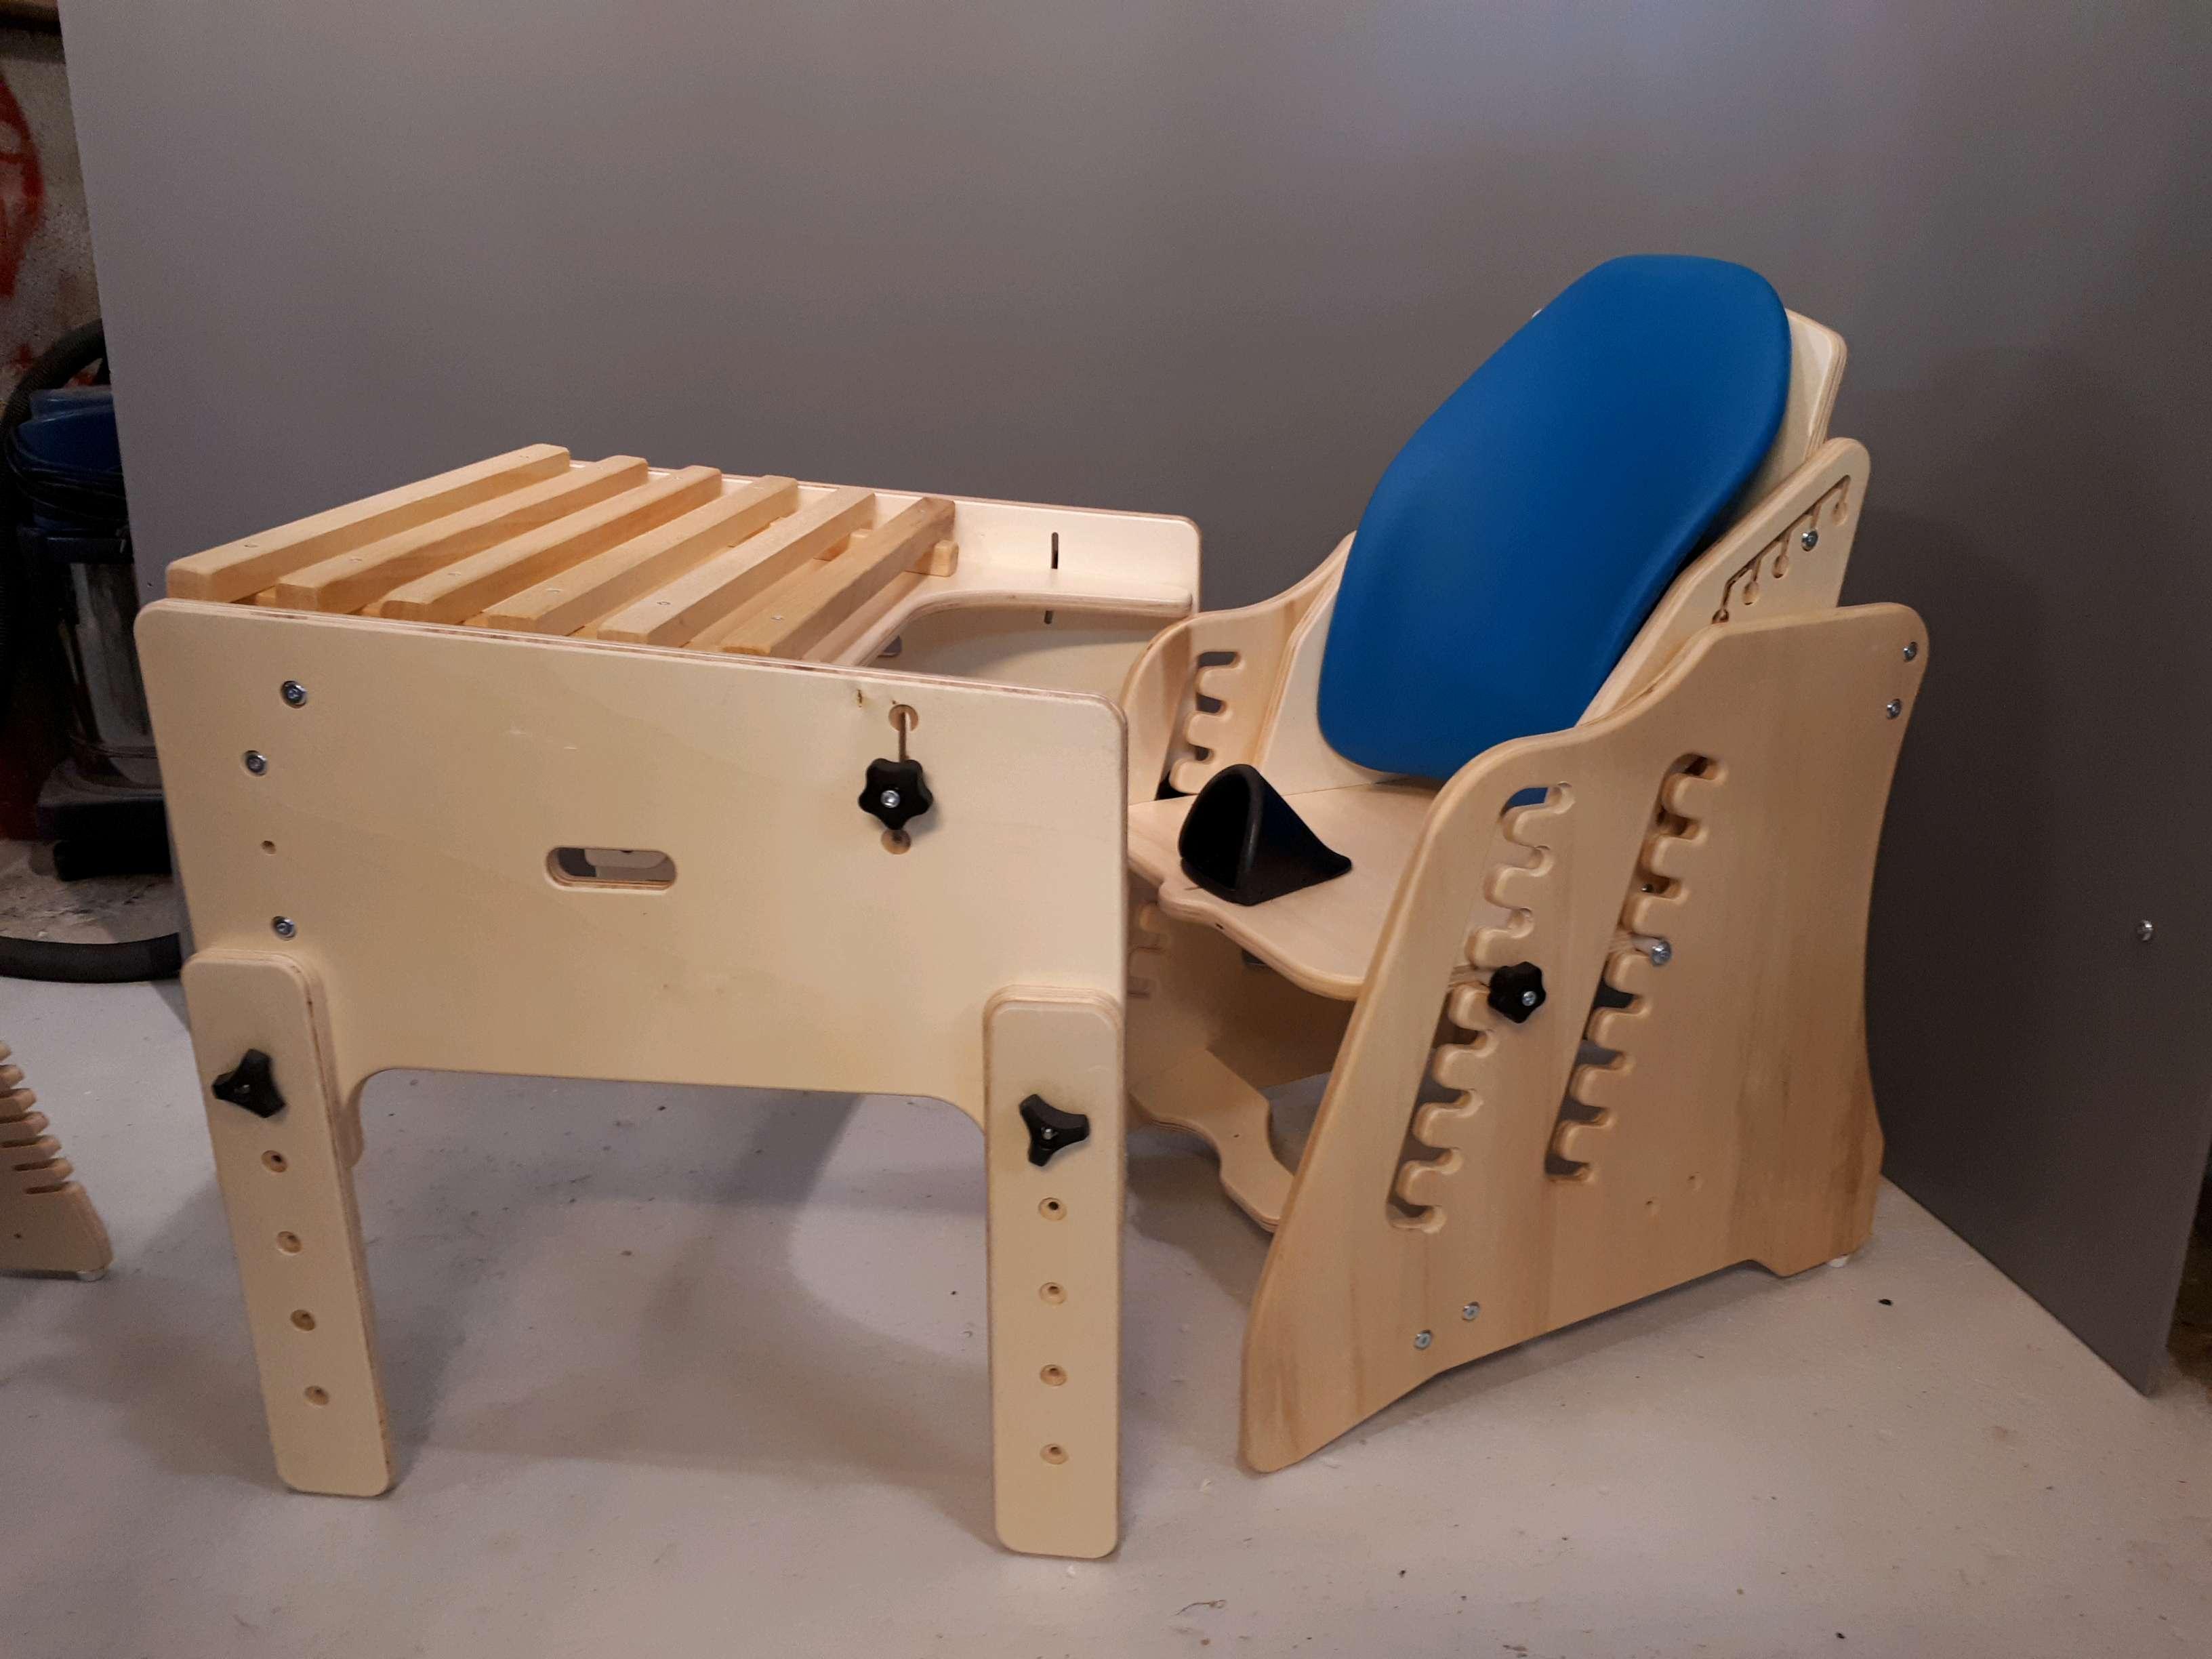 Le bureau de jules 10 ans gabamousse mobilier adapté pour